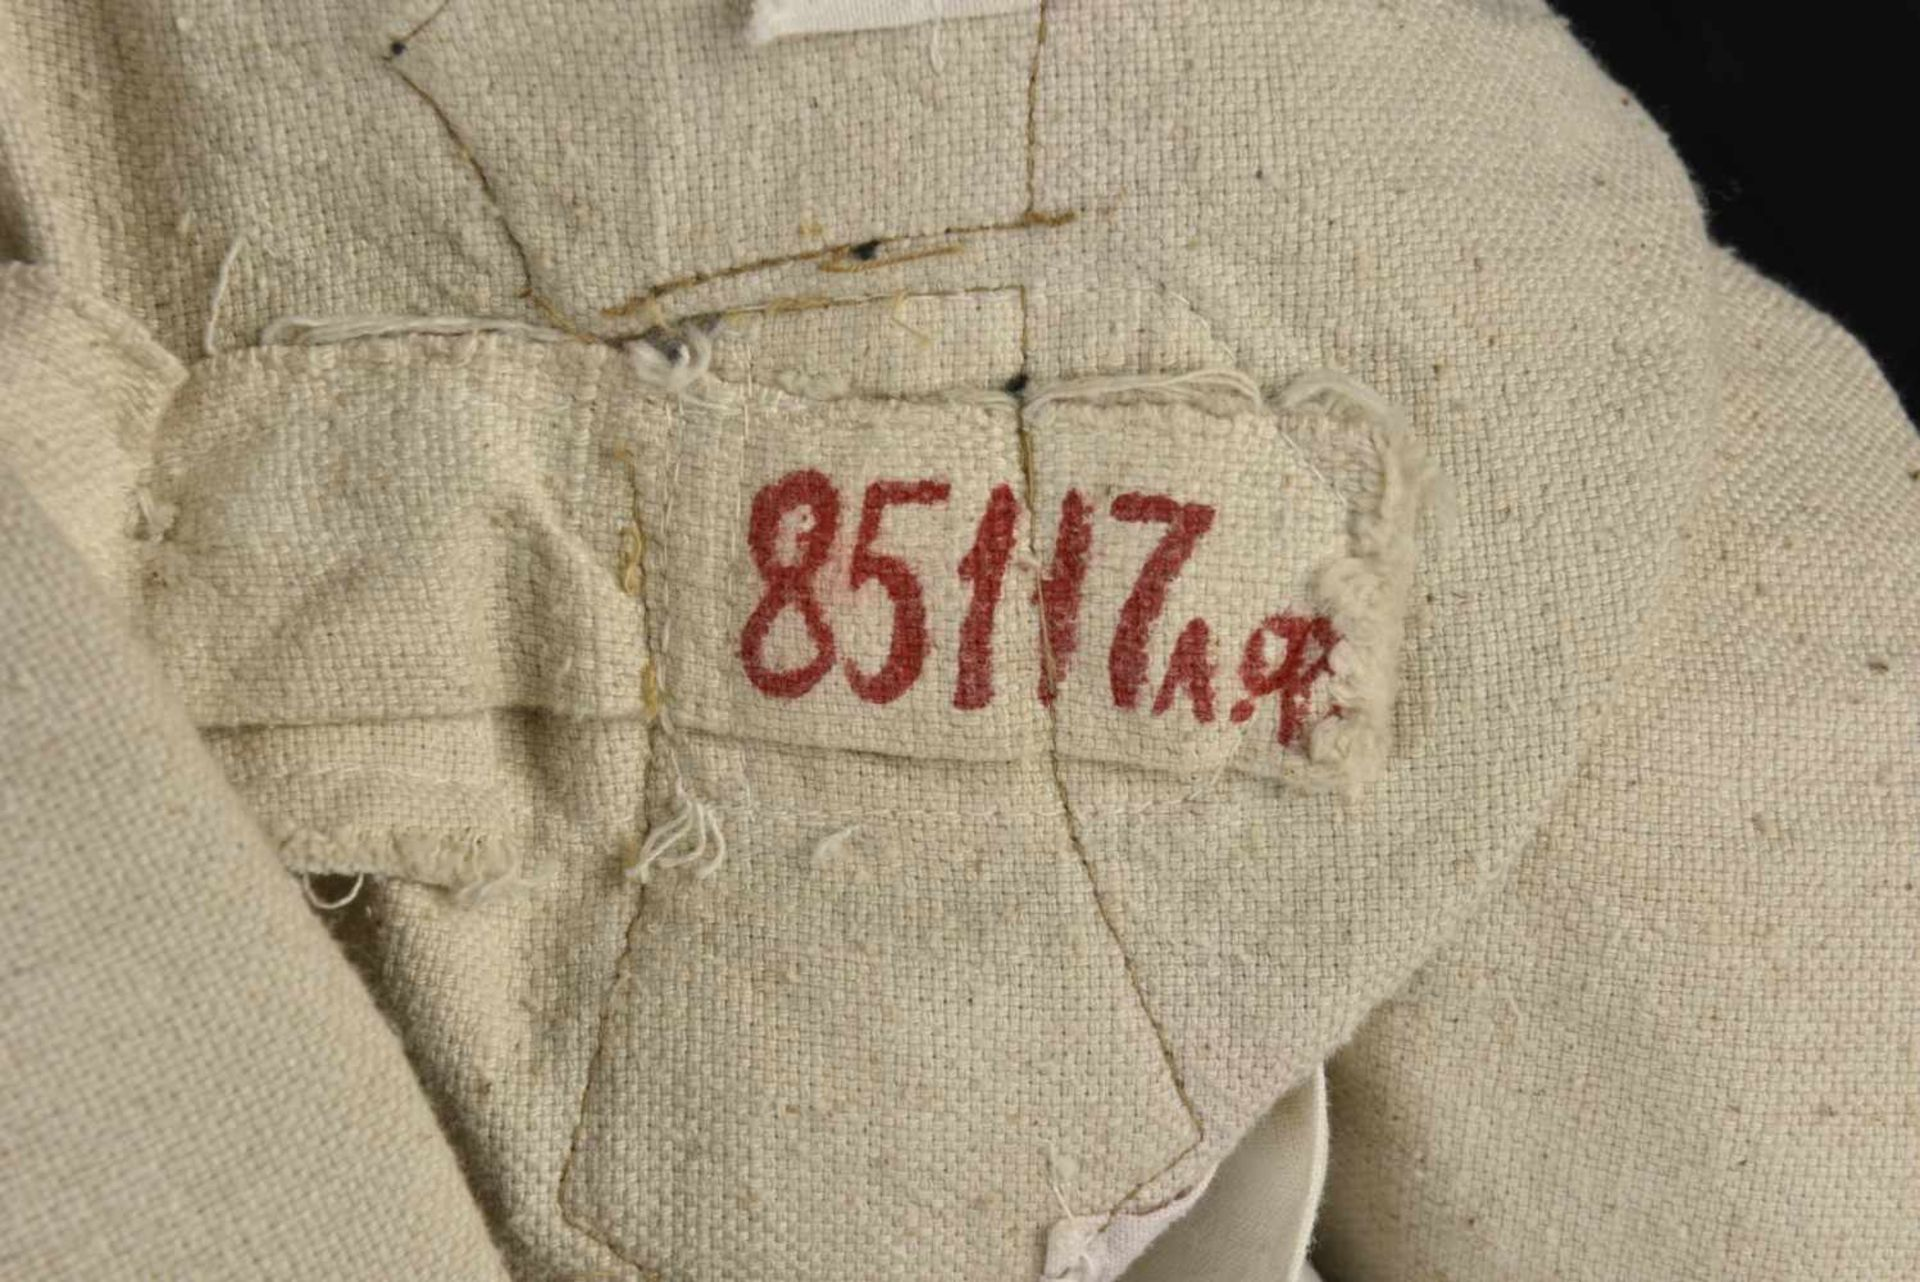 Gymnasterka M.22 des transmissions blanche, avec ses pattes de col, parements de poitrine, insigne - Bild 2 aus 4